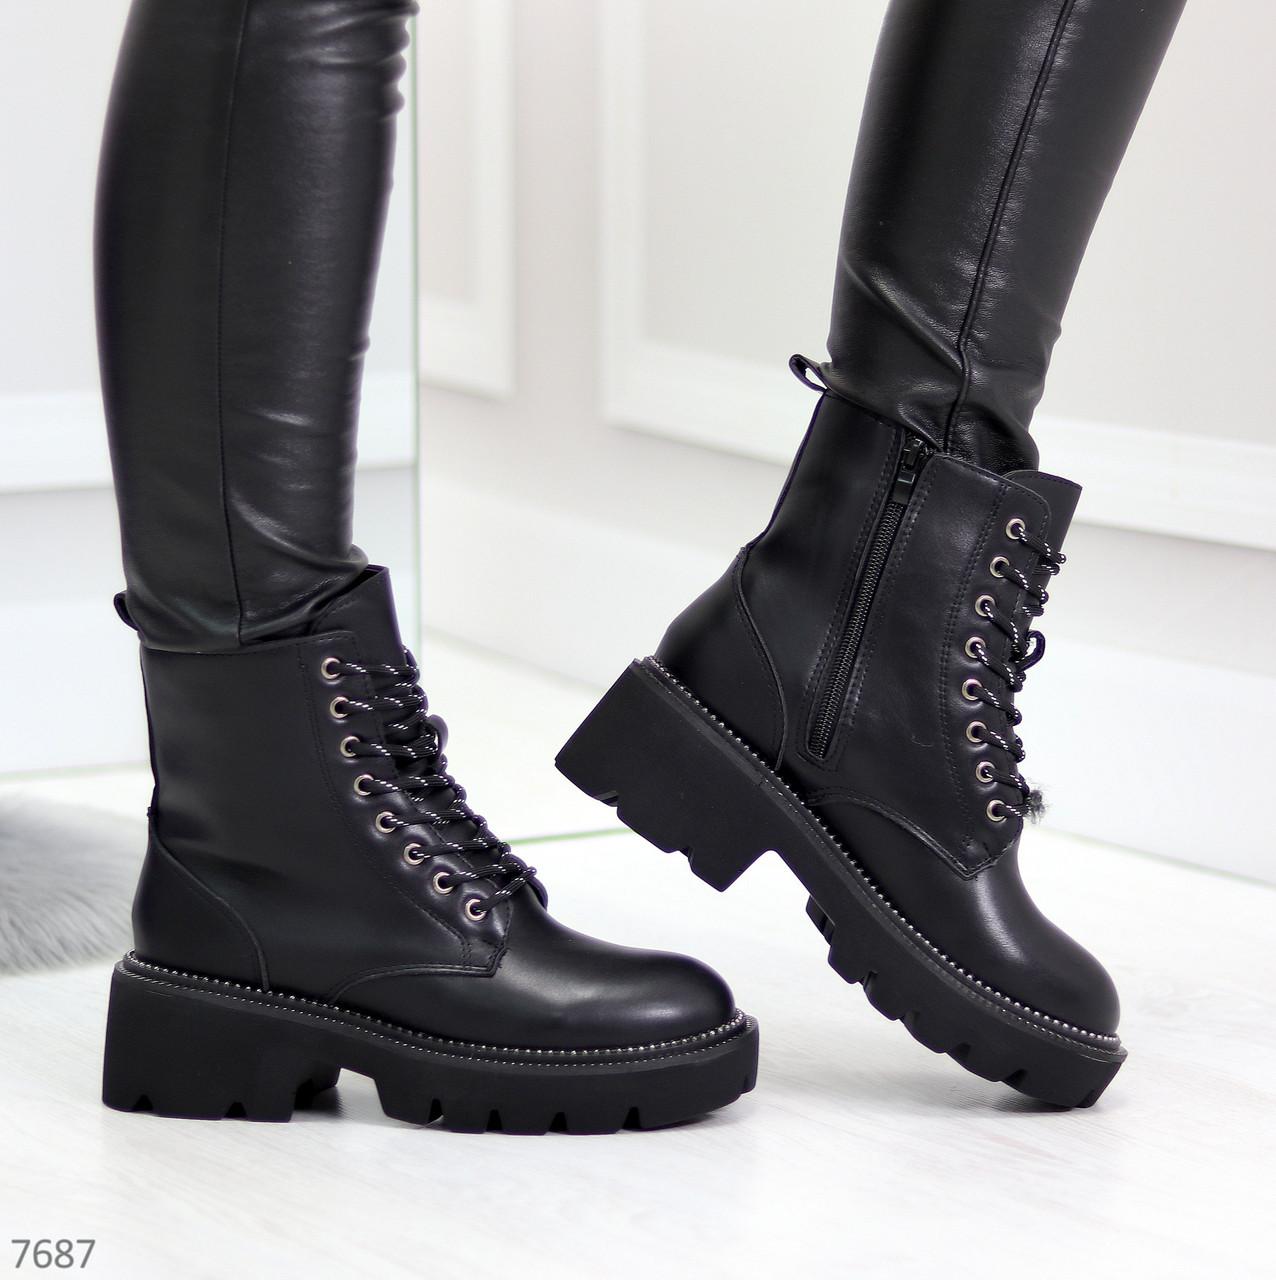 Практичные черные женские зимние ботинки гриндерсы зима 2020-2021